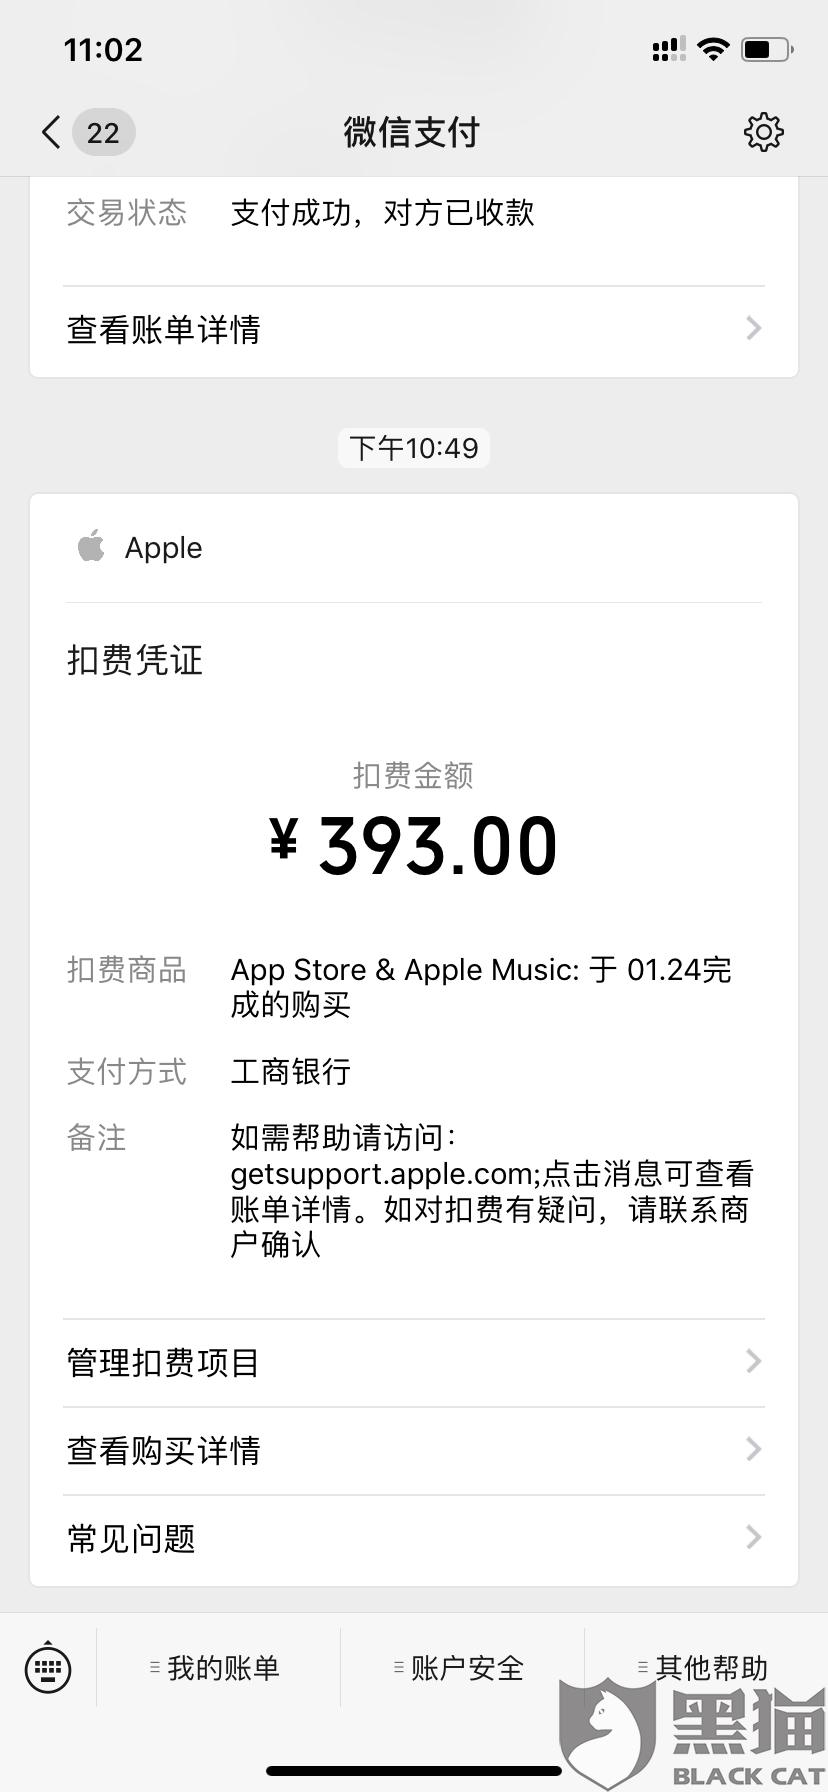 黑猫投诉:APP store本人在不知情的情况下,扣费393,打电话给苹果客服被系统拒绝